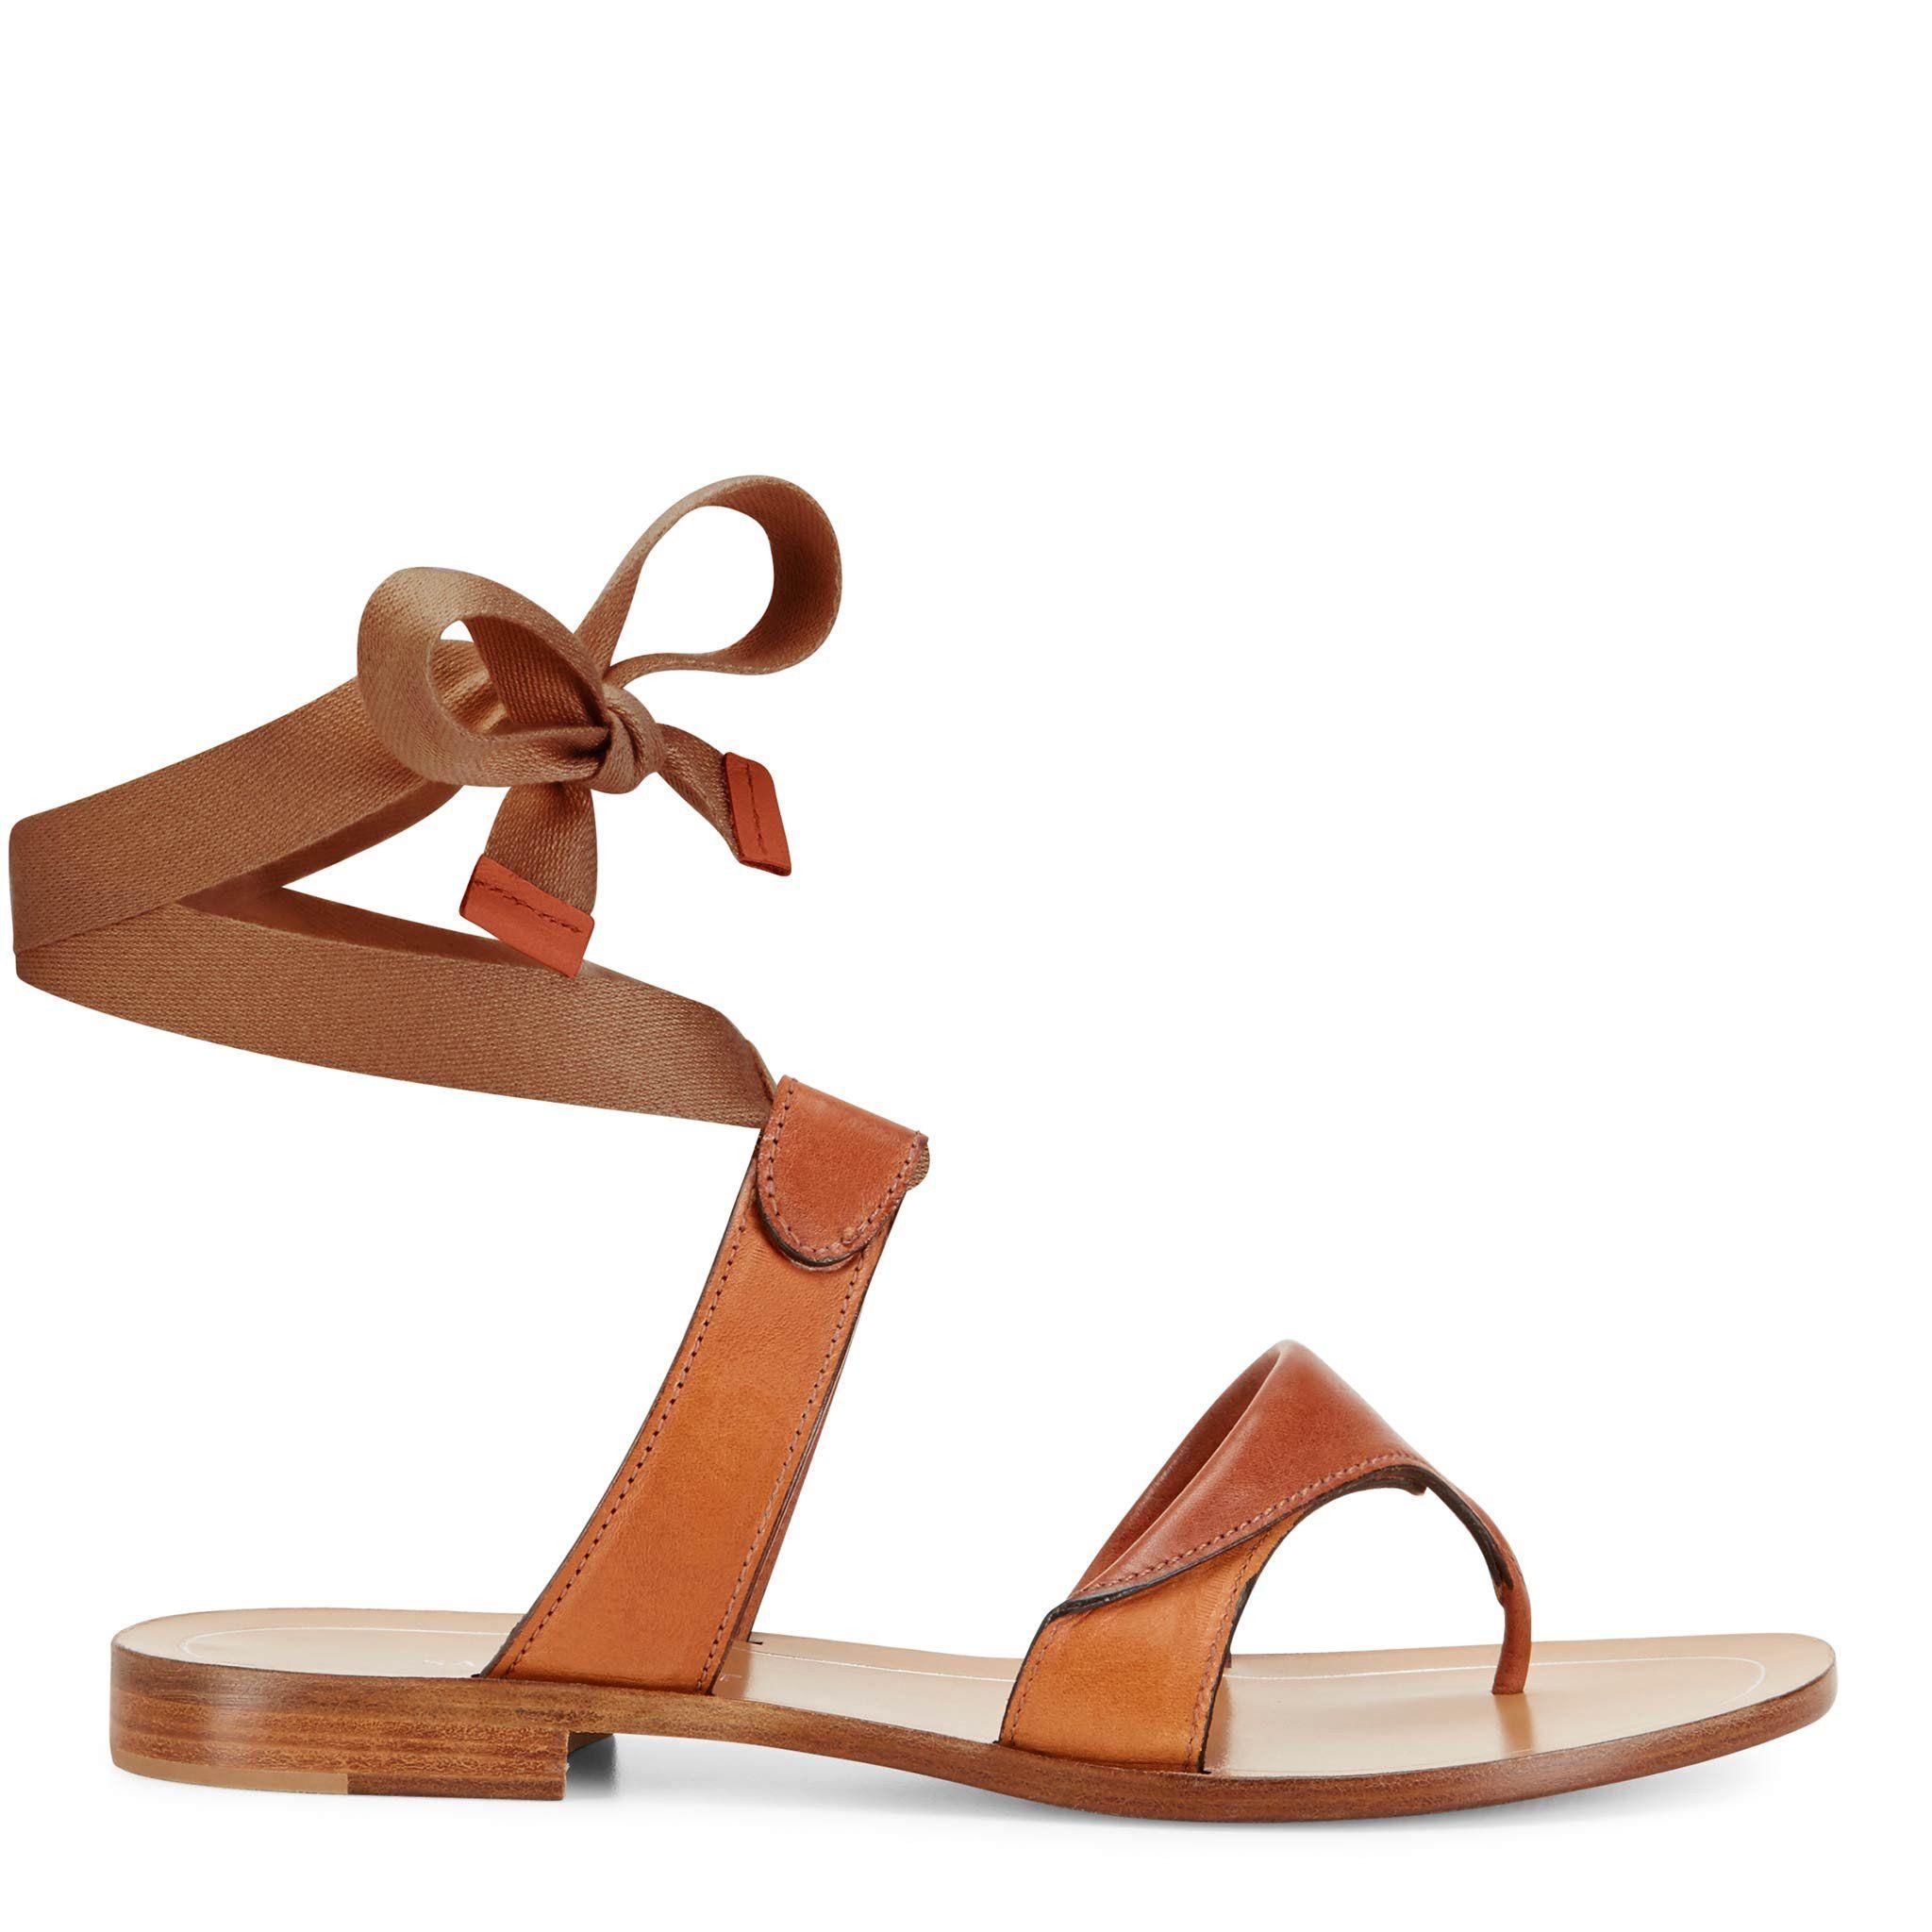 76d6a1fedd6 Grear Leather Sandal